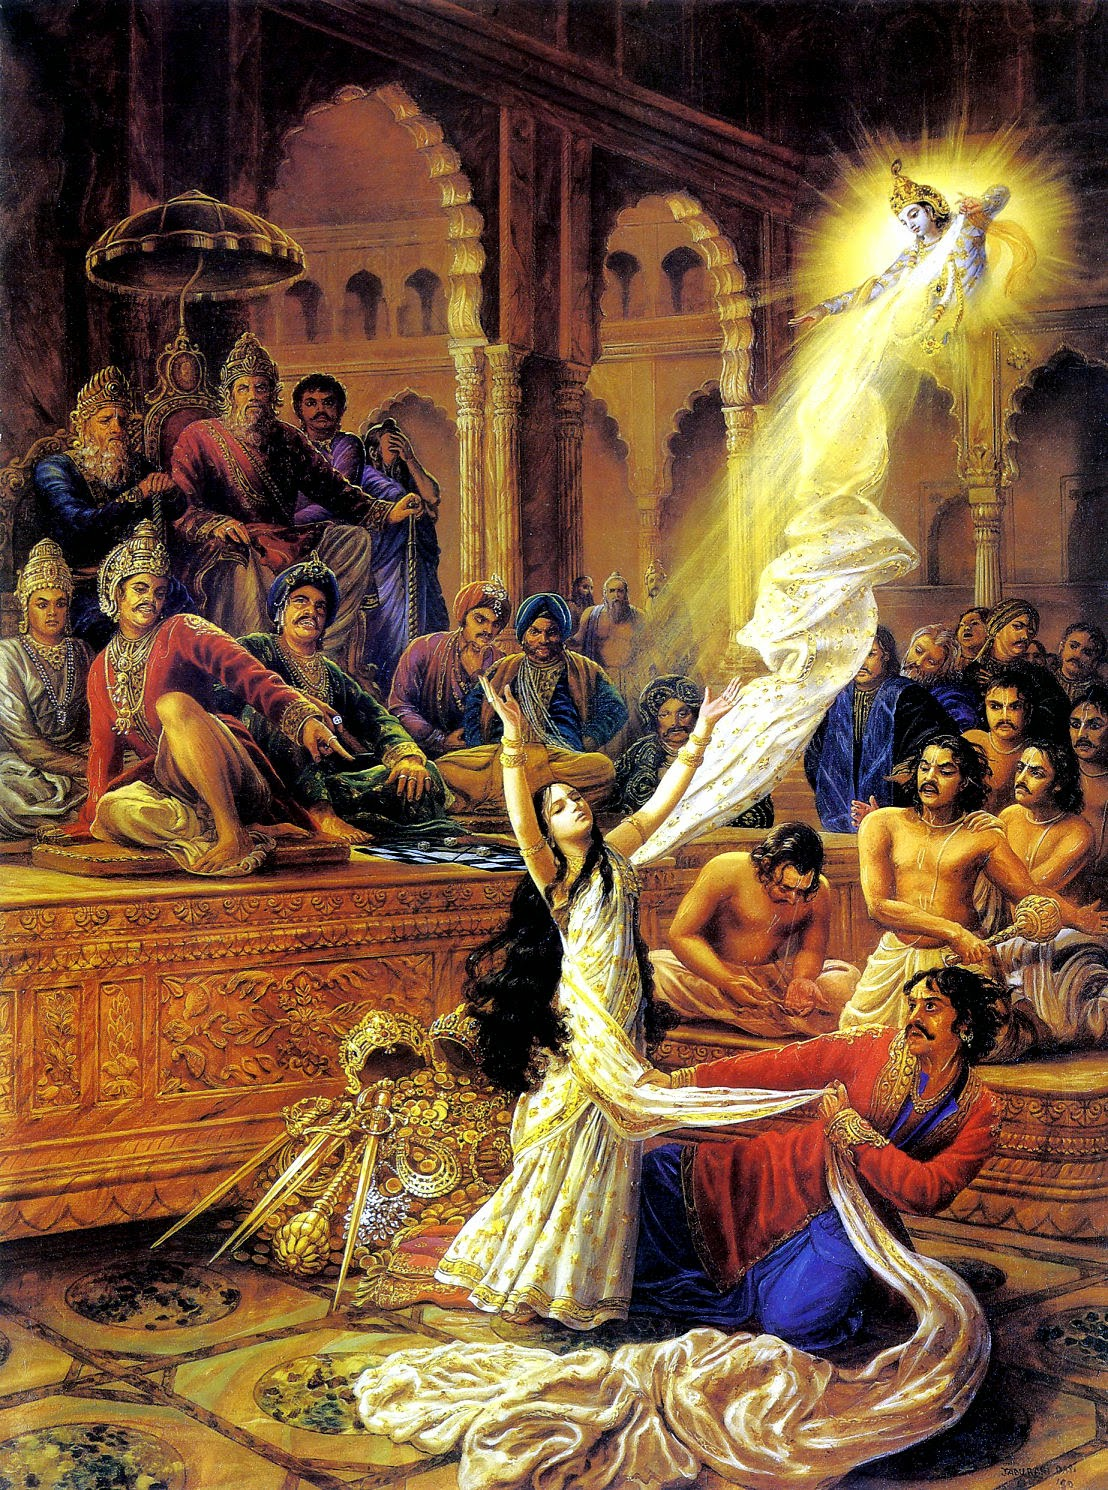 Draupadi praying to Krishna for protection